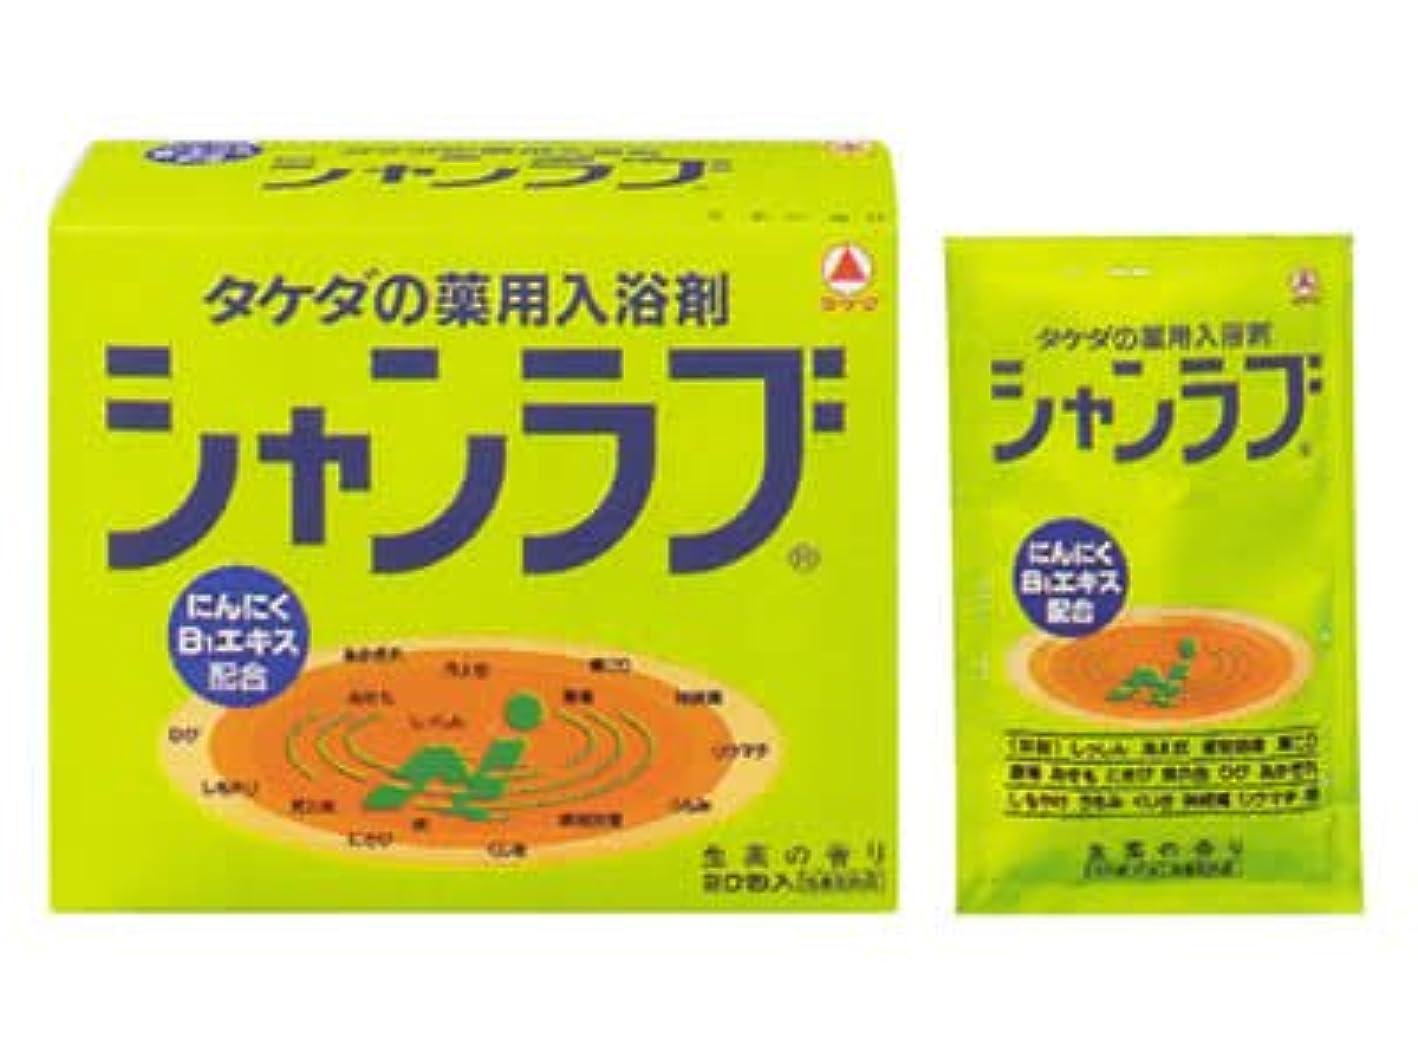 二度遺棄された状況【医薬部外品】武田コンシューマーヘルスケア シャンラブ 生薬の香り 20包